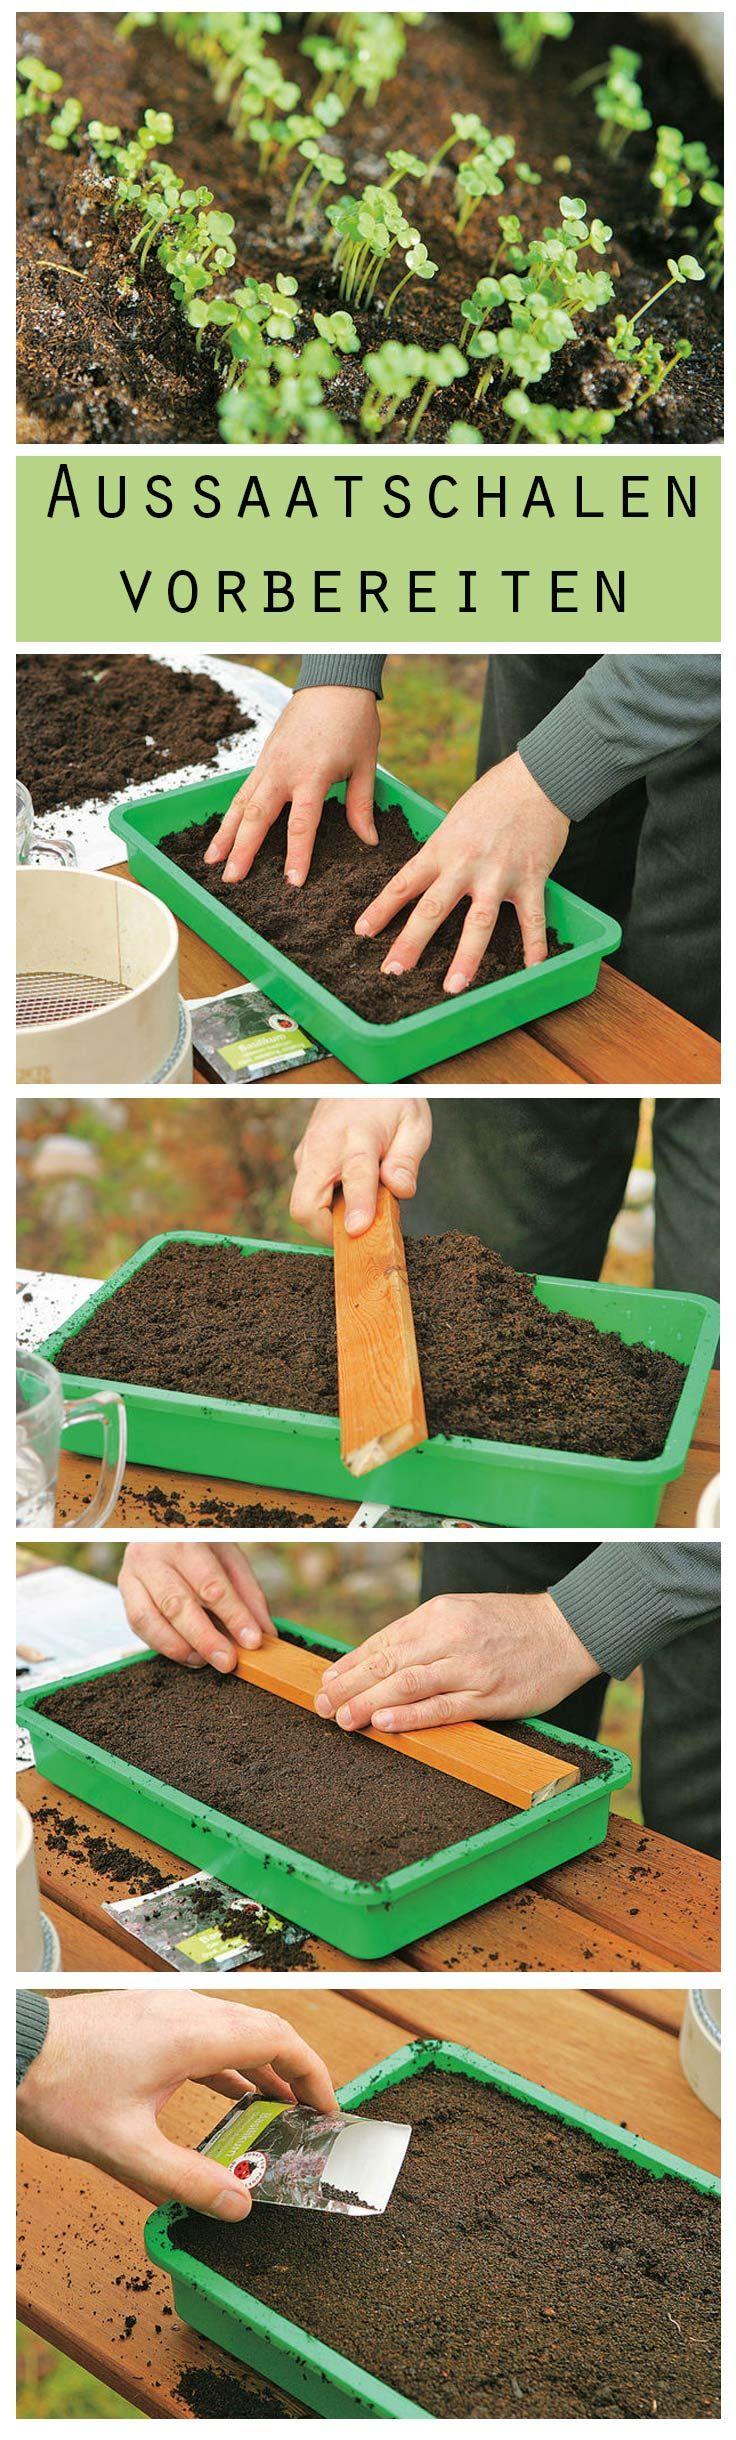 Gute Vorbereitung ist das A und O – auch bei der Aussaat von Pflanzensamen. Wir zeigen, wie man Aussaatschalen für die Anzucht von Pflanzen vorbereitet.